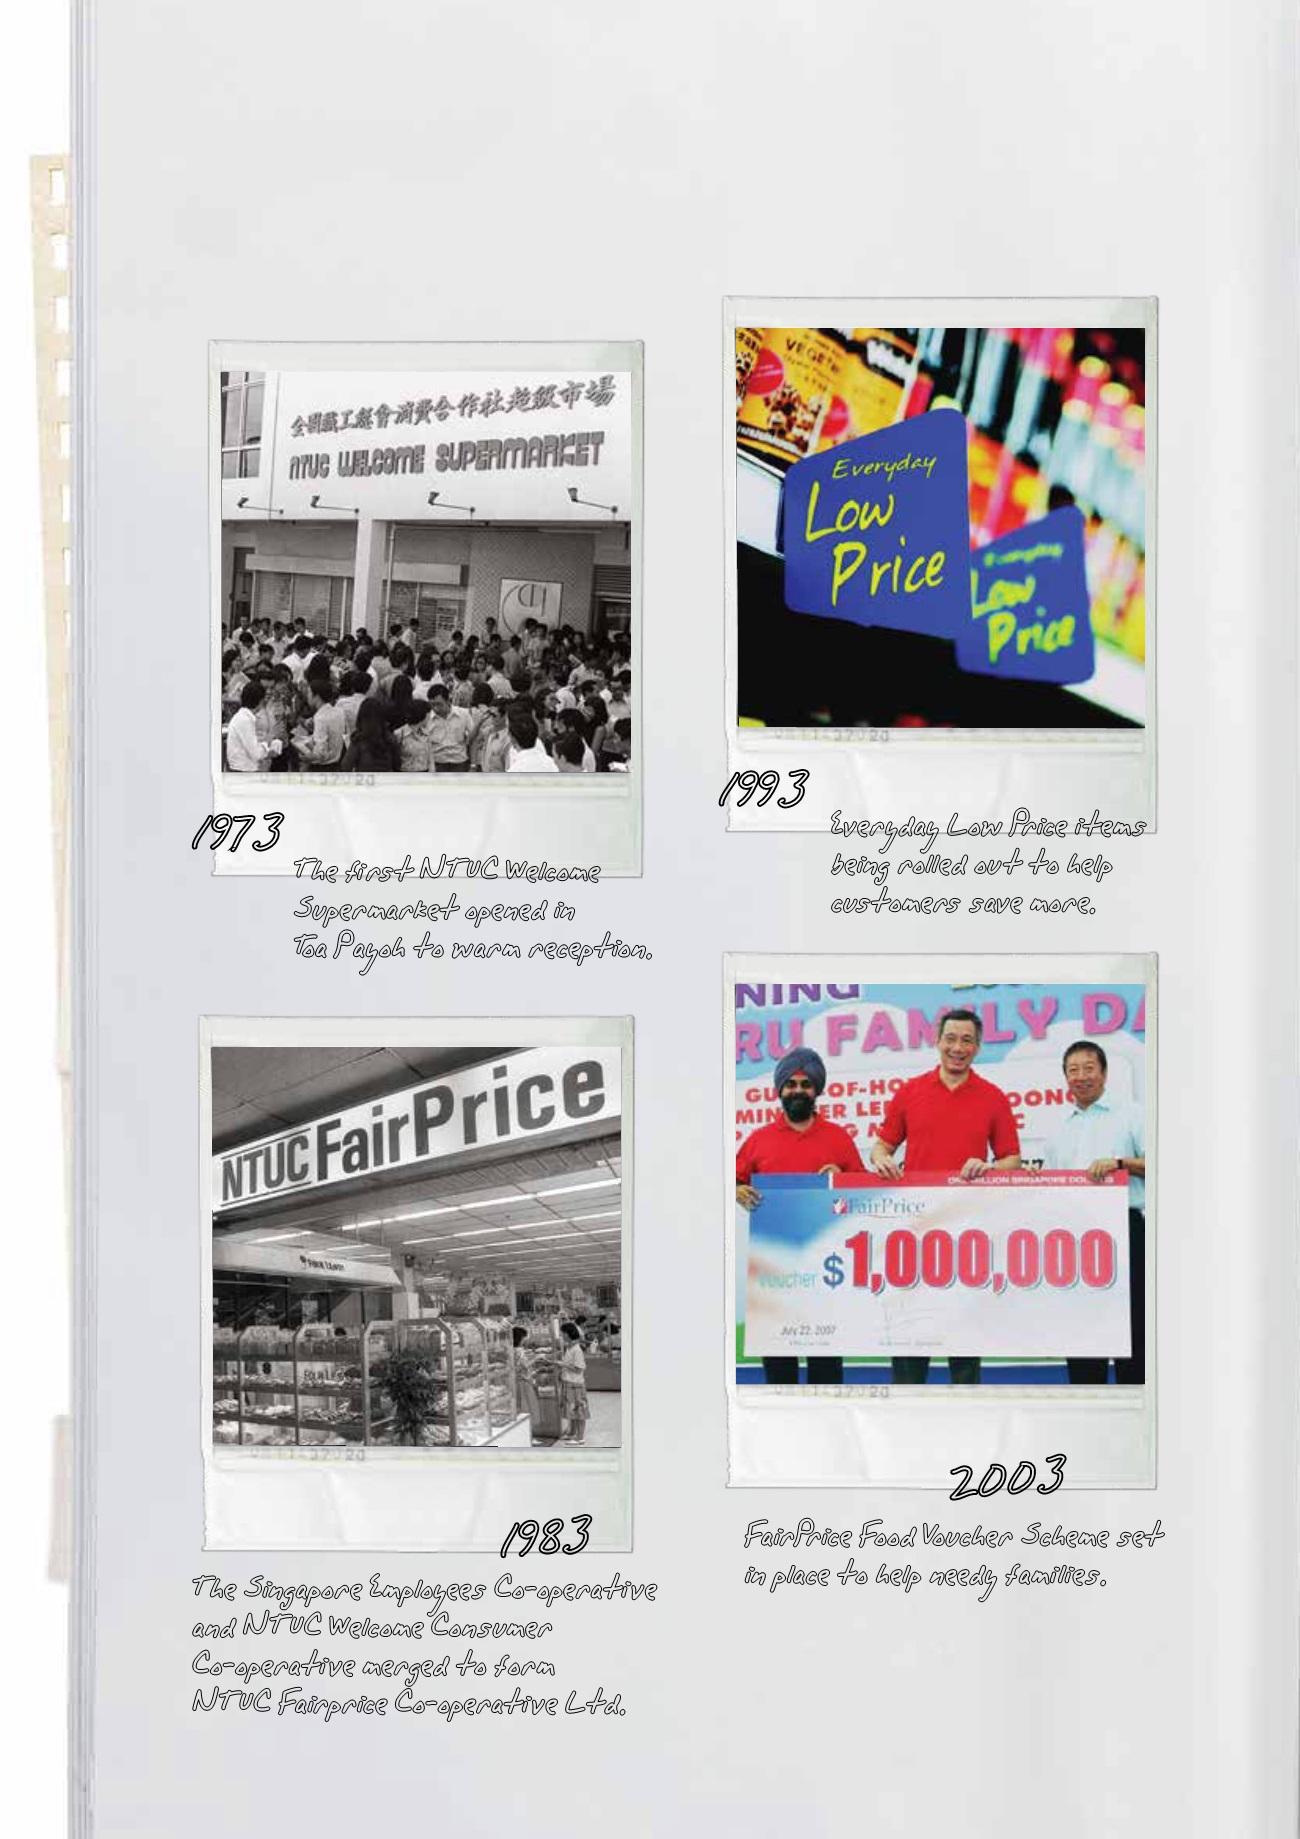 fairprice annual report